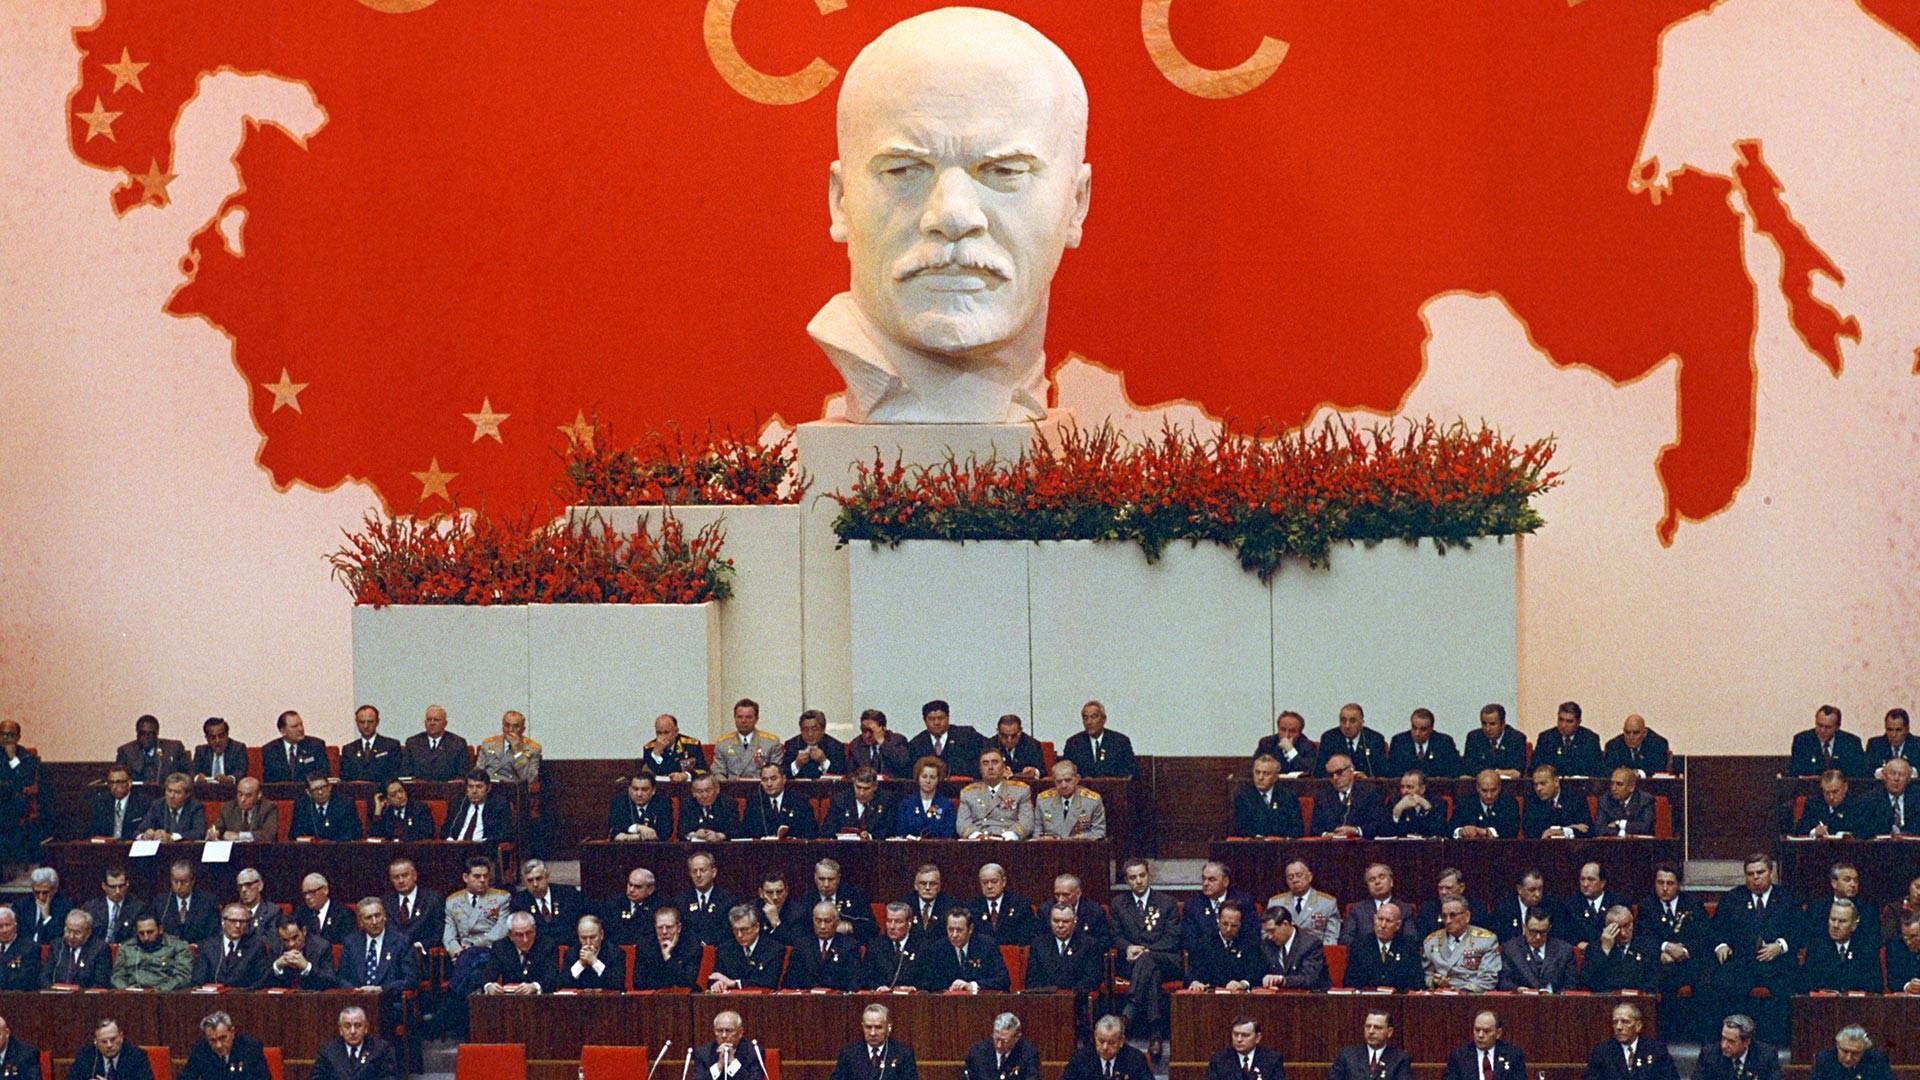 Réunion du Comité central du Parti communiste d'URSS, du Soviet suprême de l'URSS et du Soviet suprême de la RSFSR en 1972, pour les 50 ans de la formation de l'URSS